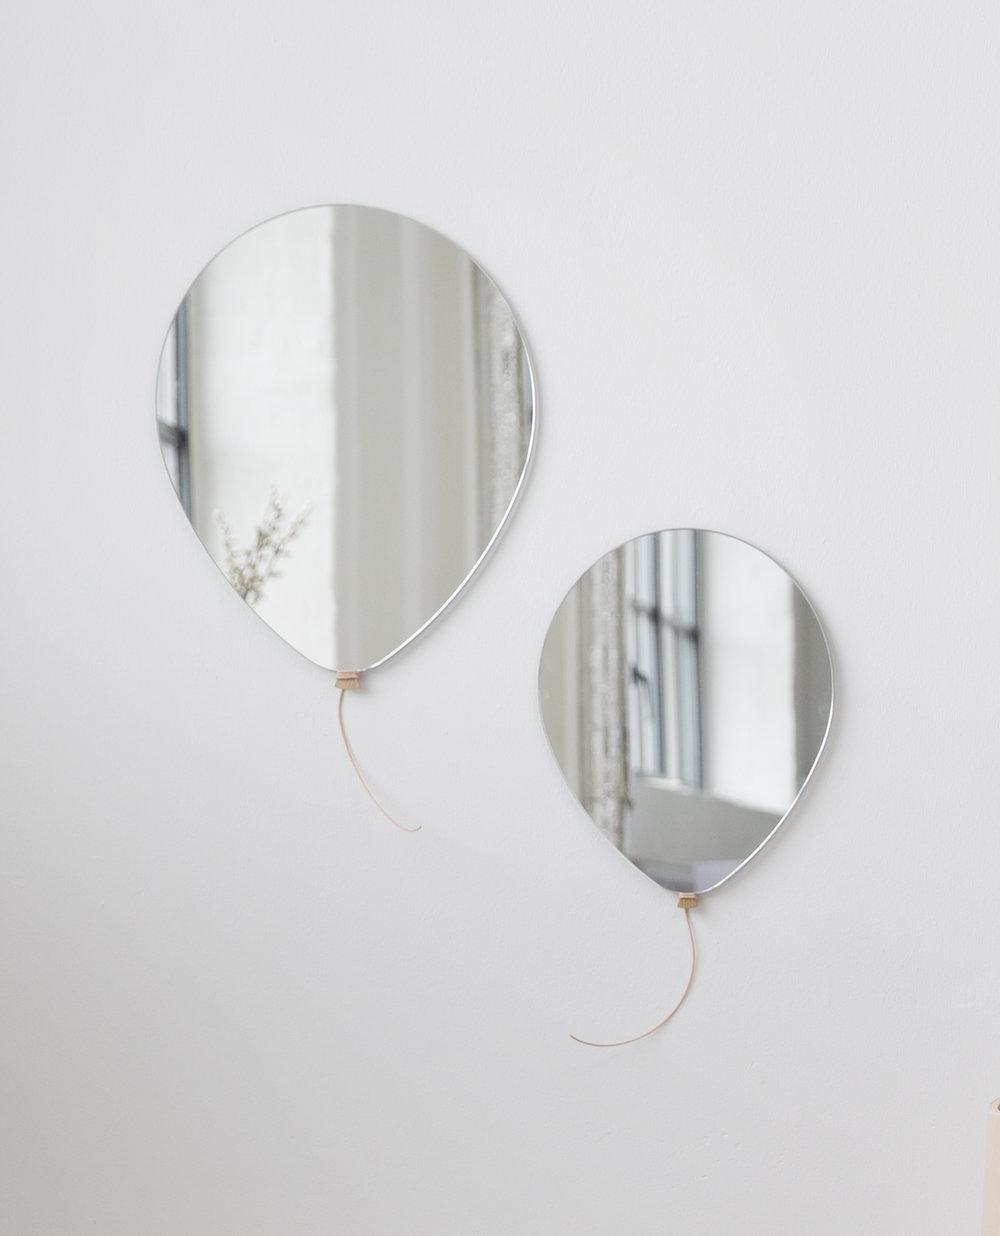 Balloon mirrors 01.jpg